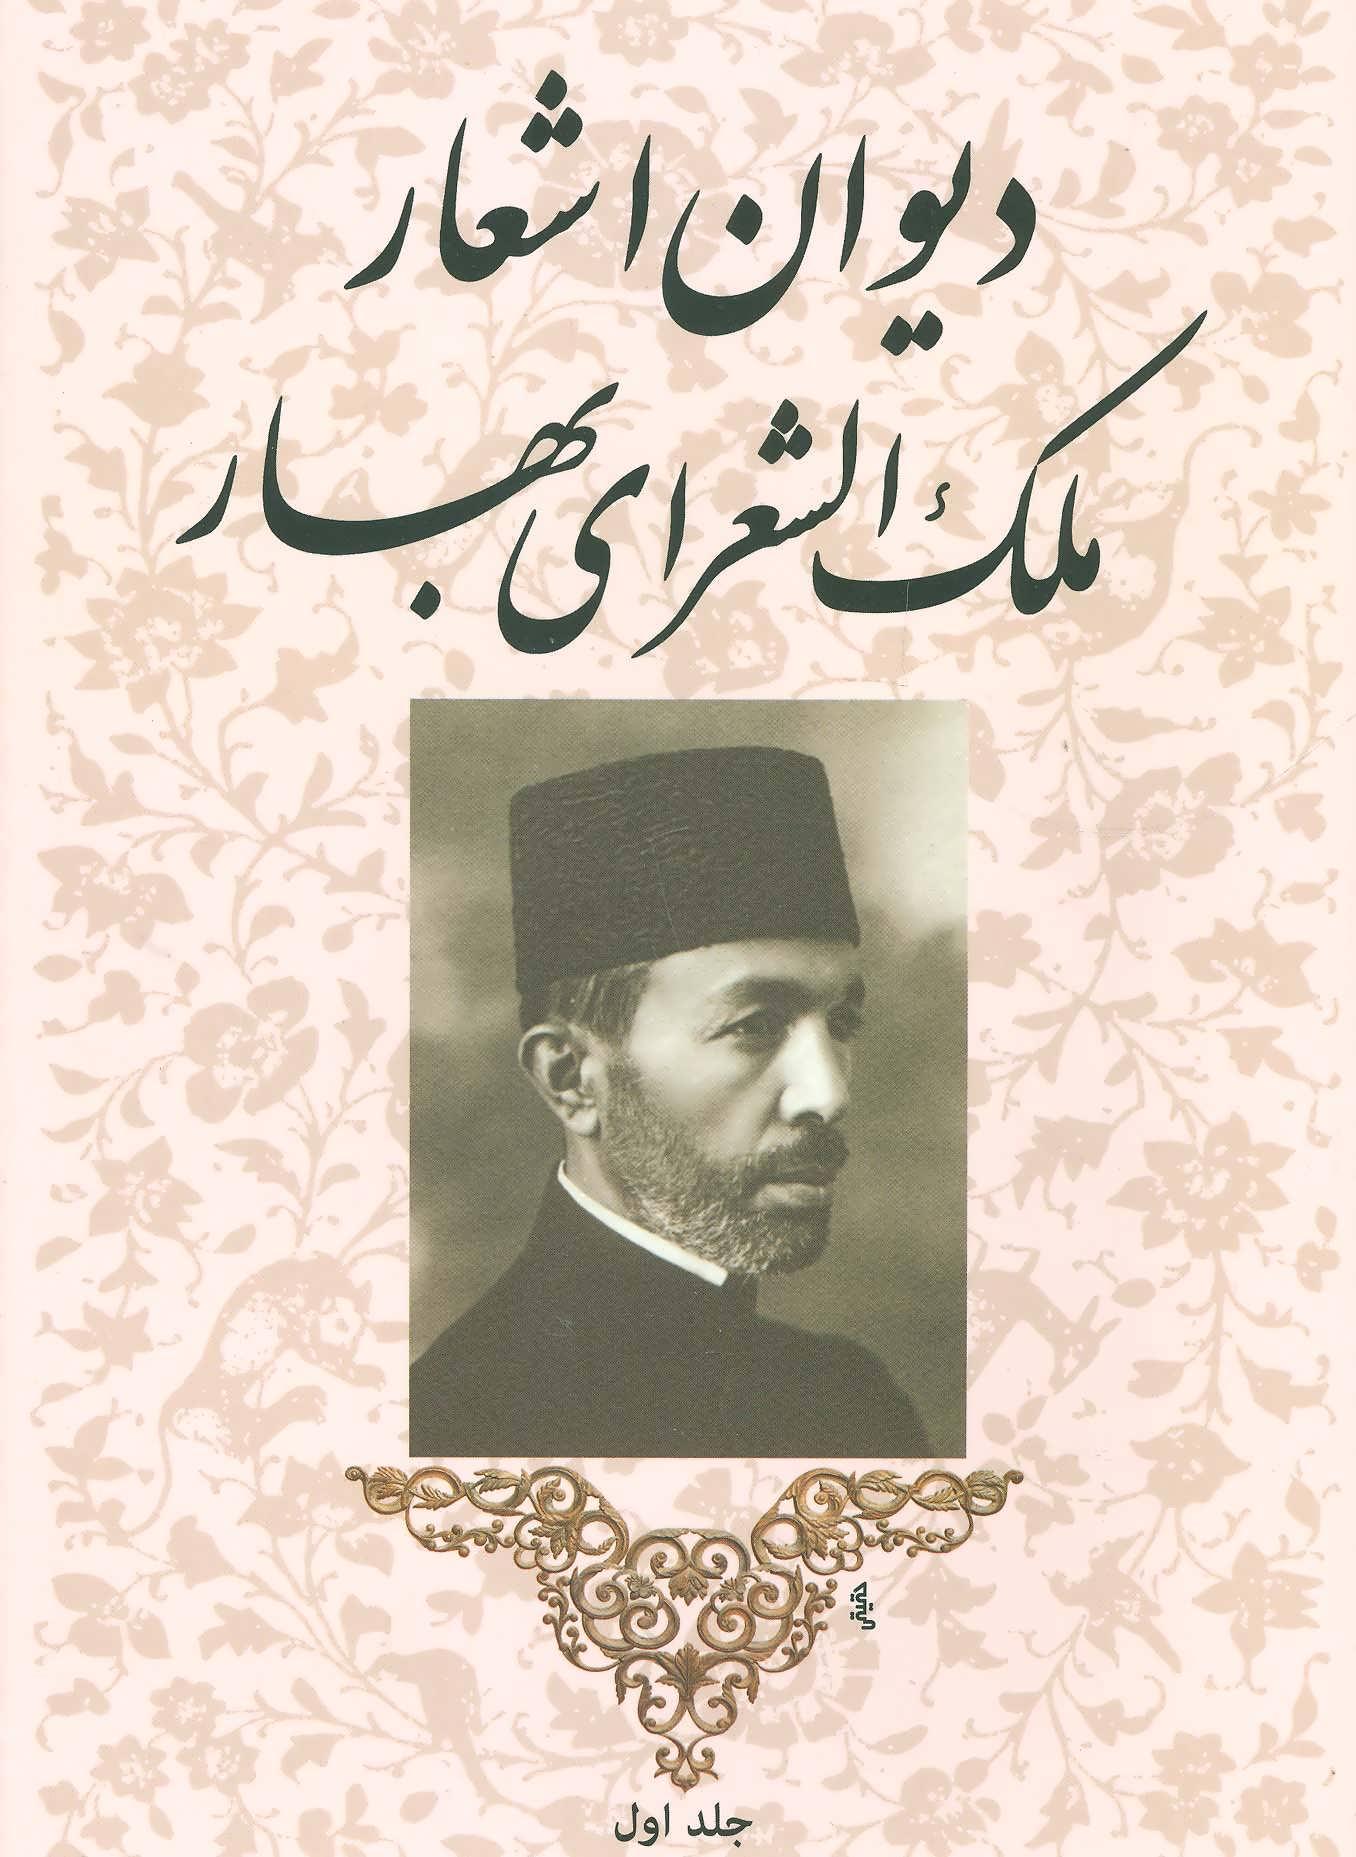 کتاب دیوان اشعار ملک الشعرای بهار (۲جلدی)